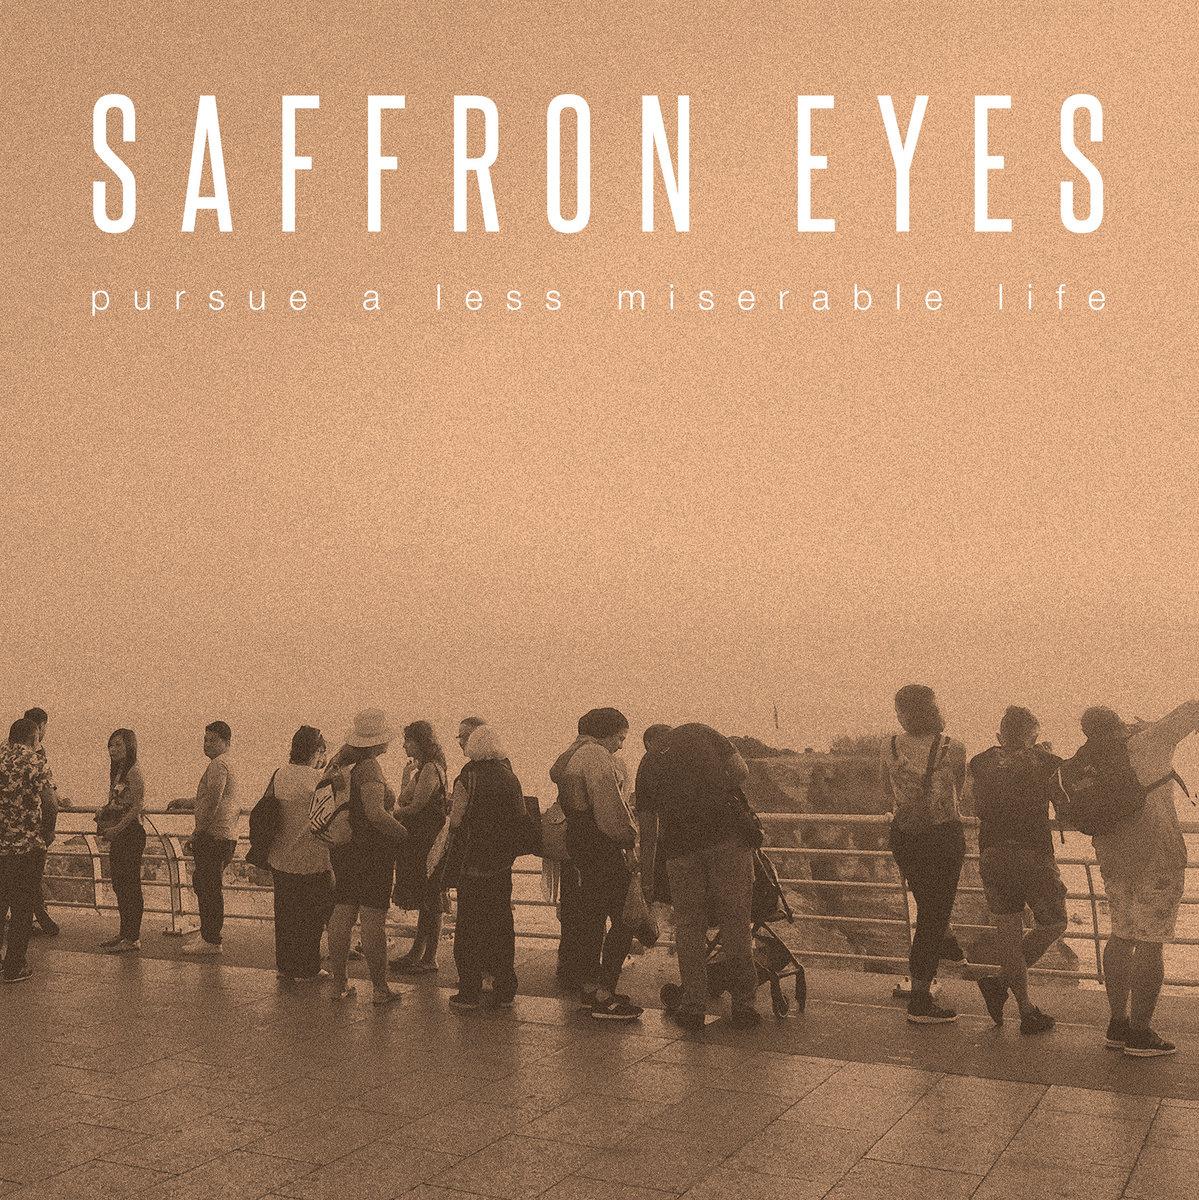 SAFFRON EYES - Pursue a less miserable life